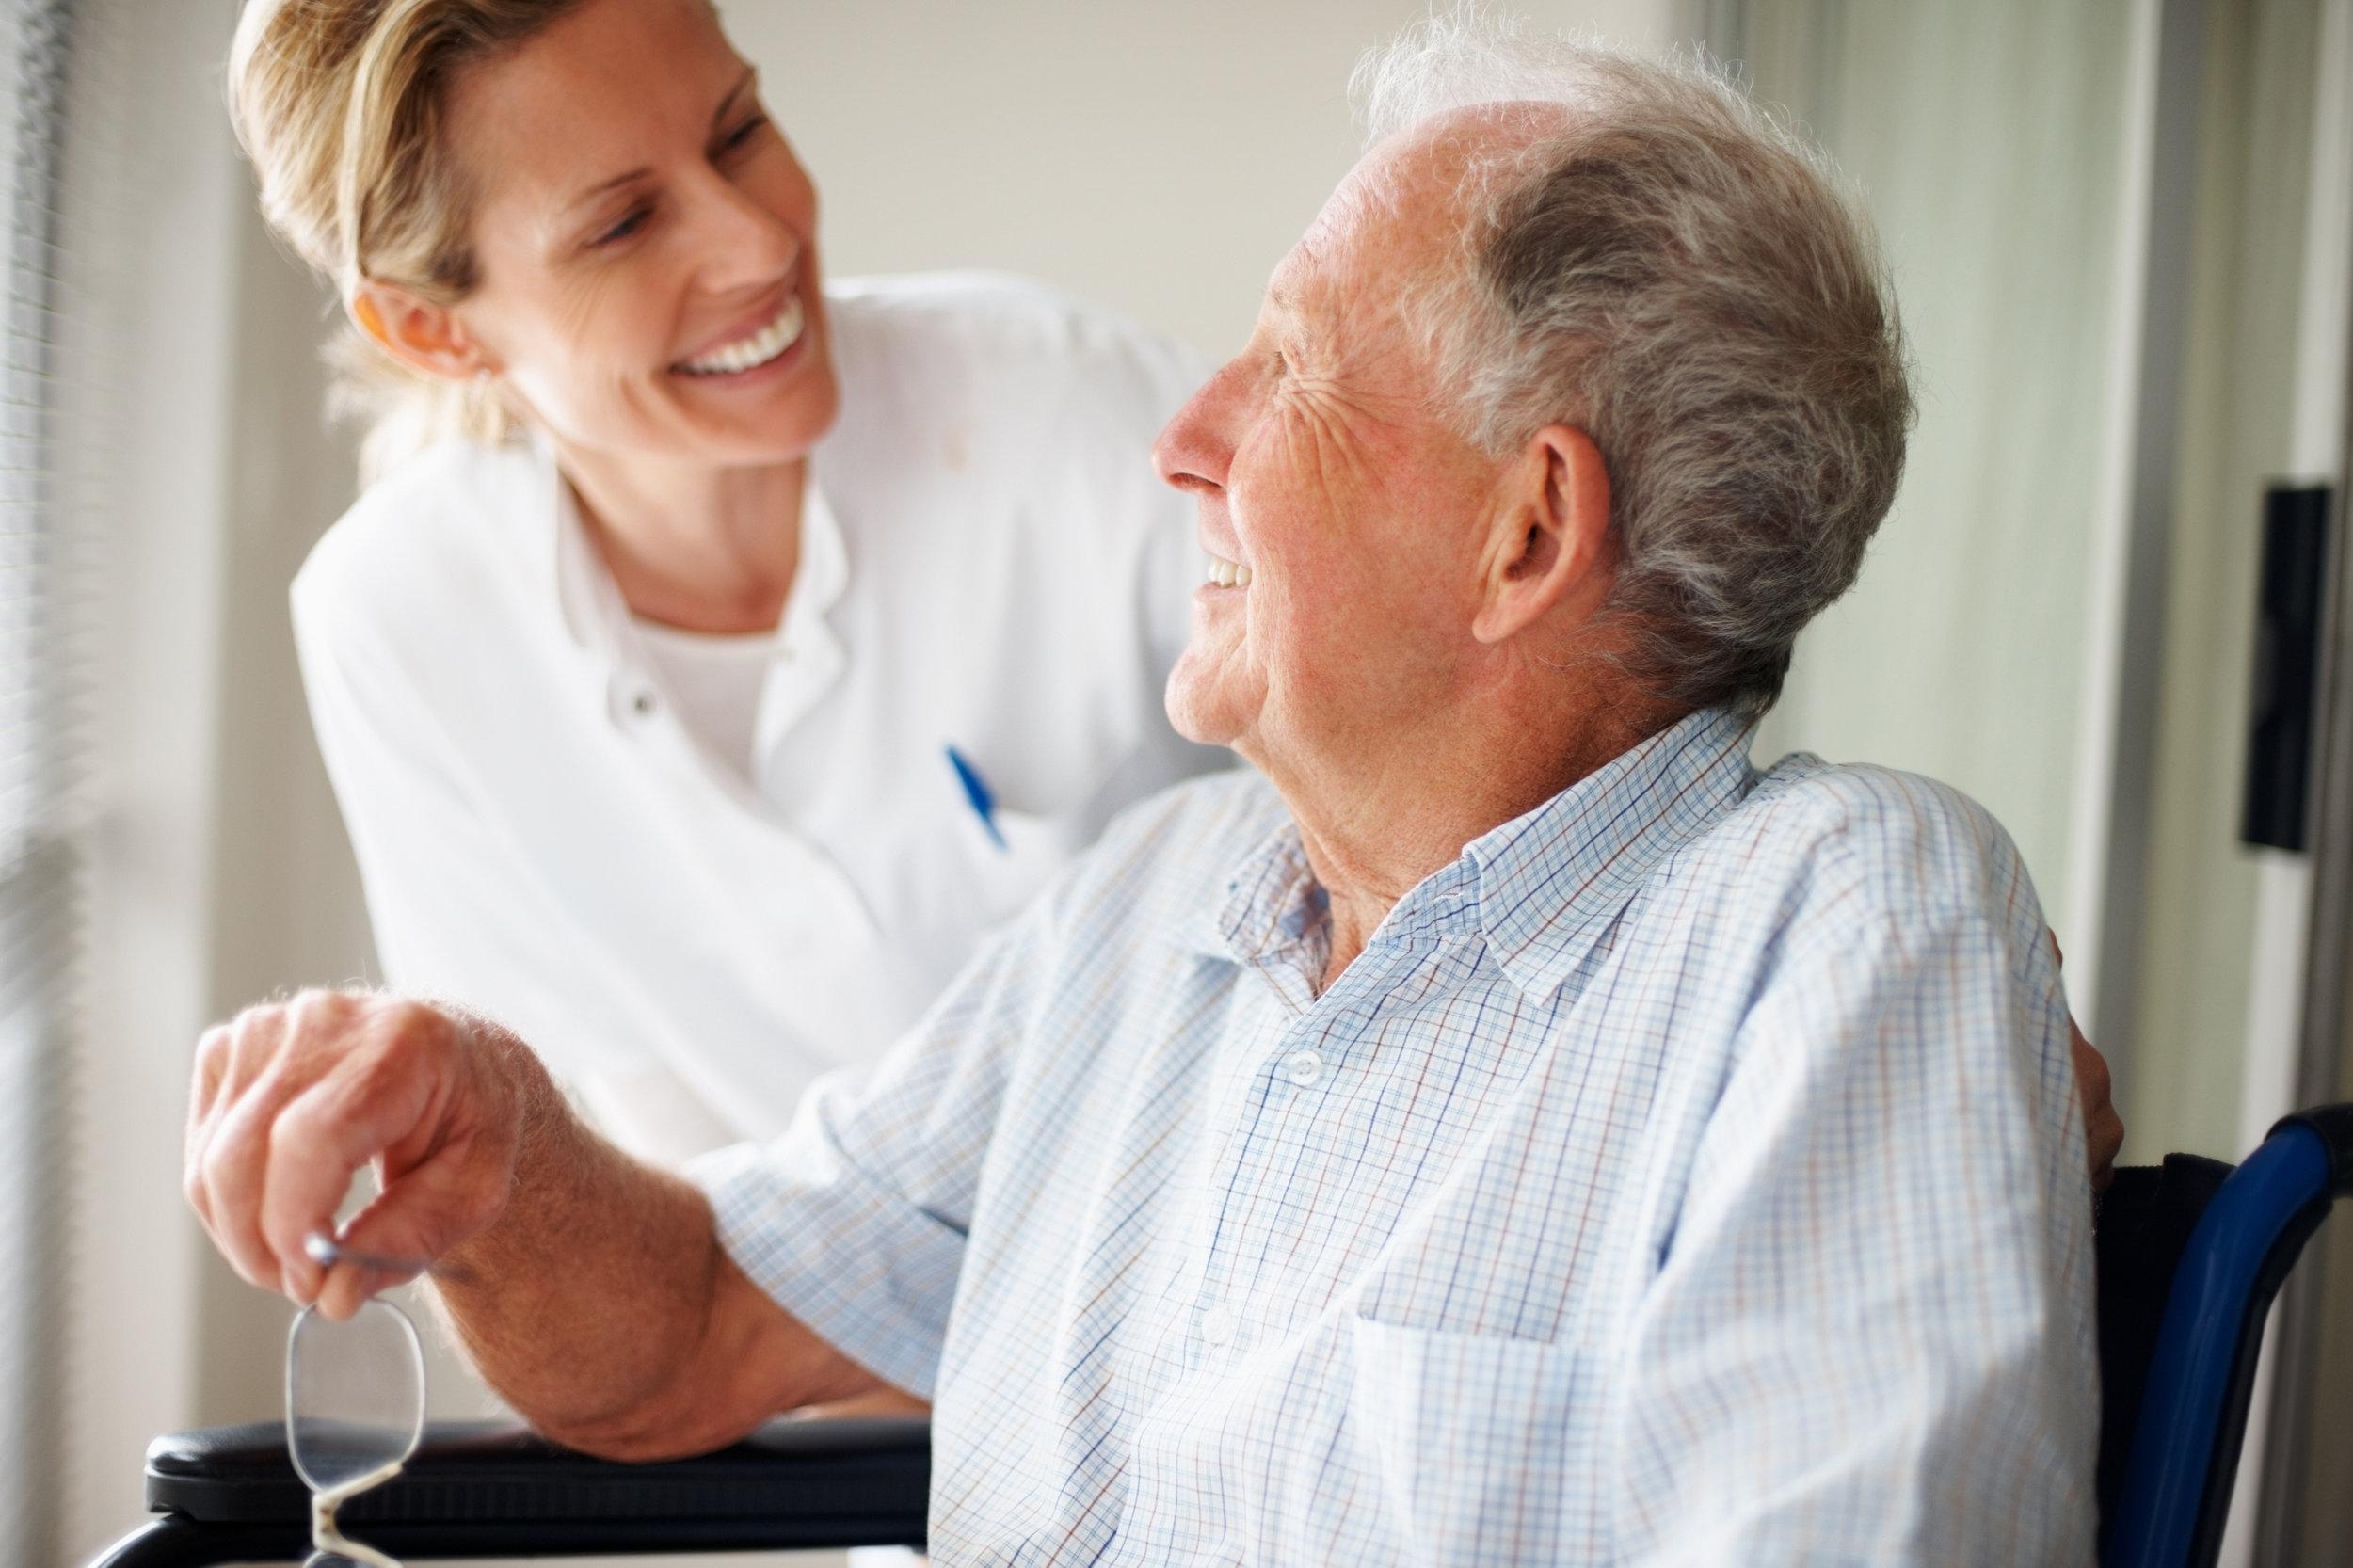 Caregiver / Patient Relationship